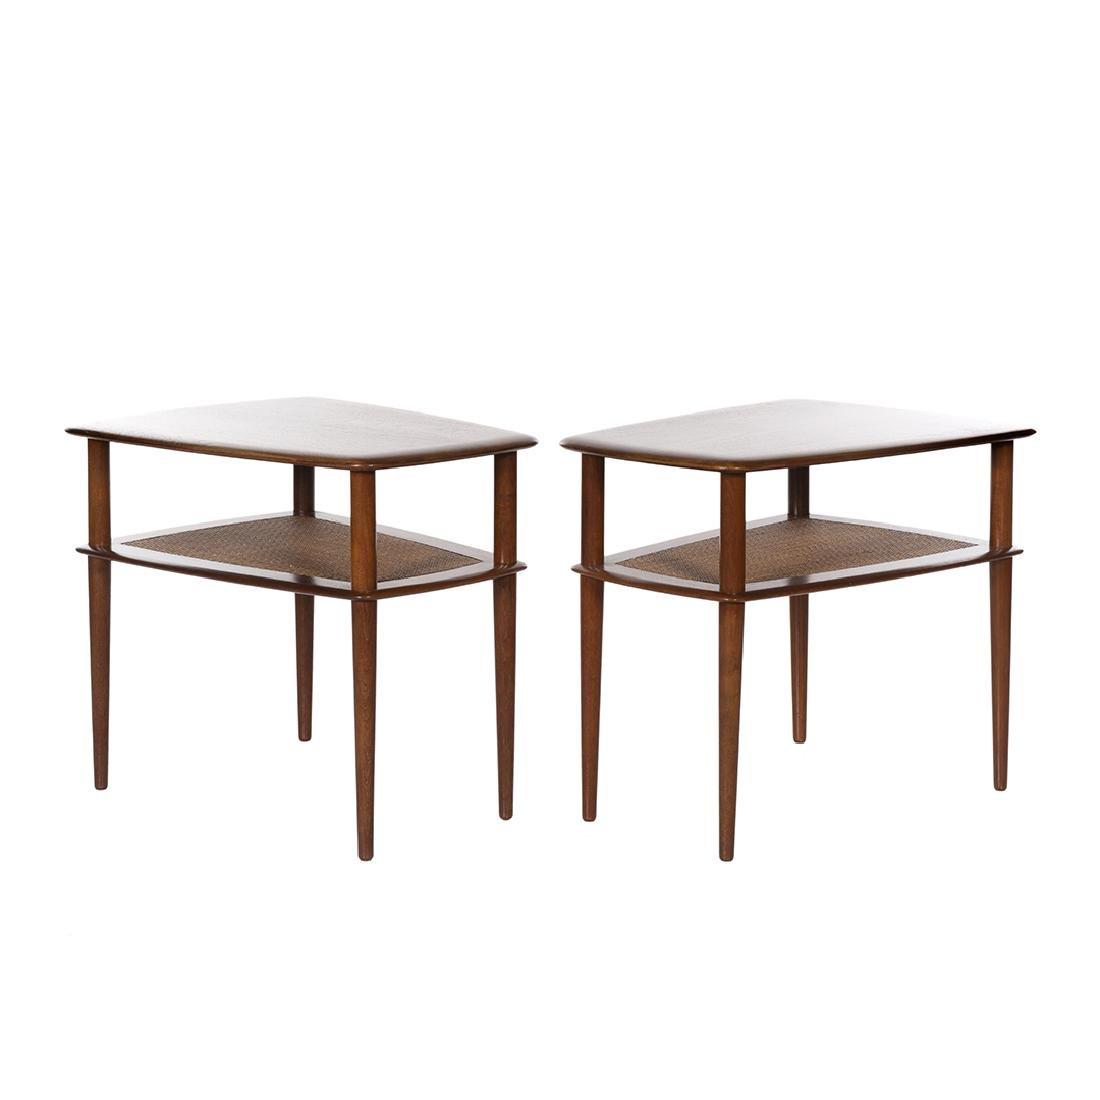 Peter Hvidt End Tables (2)